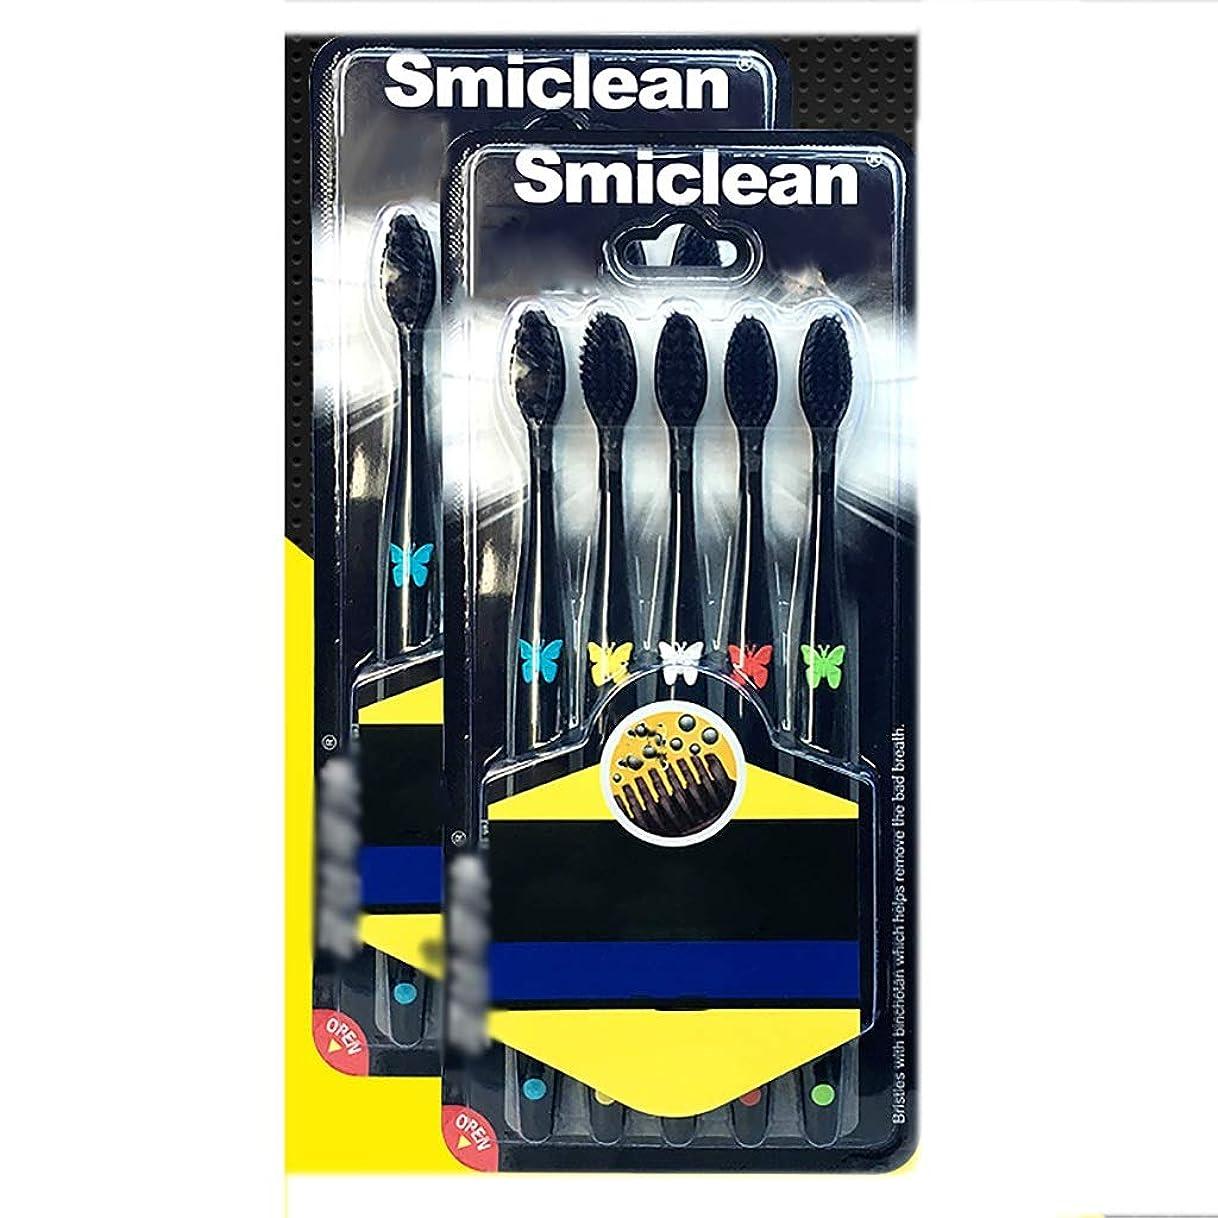 スペクトラム悪の間接的柔らかく、小さいヘッド歯ブラシ、大人のタケ木炭旅行家10の棒